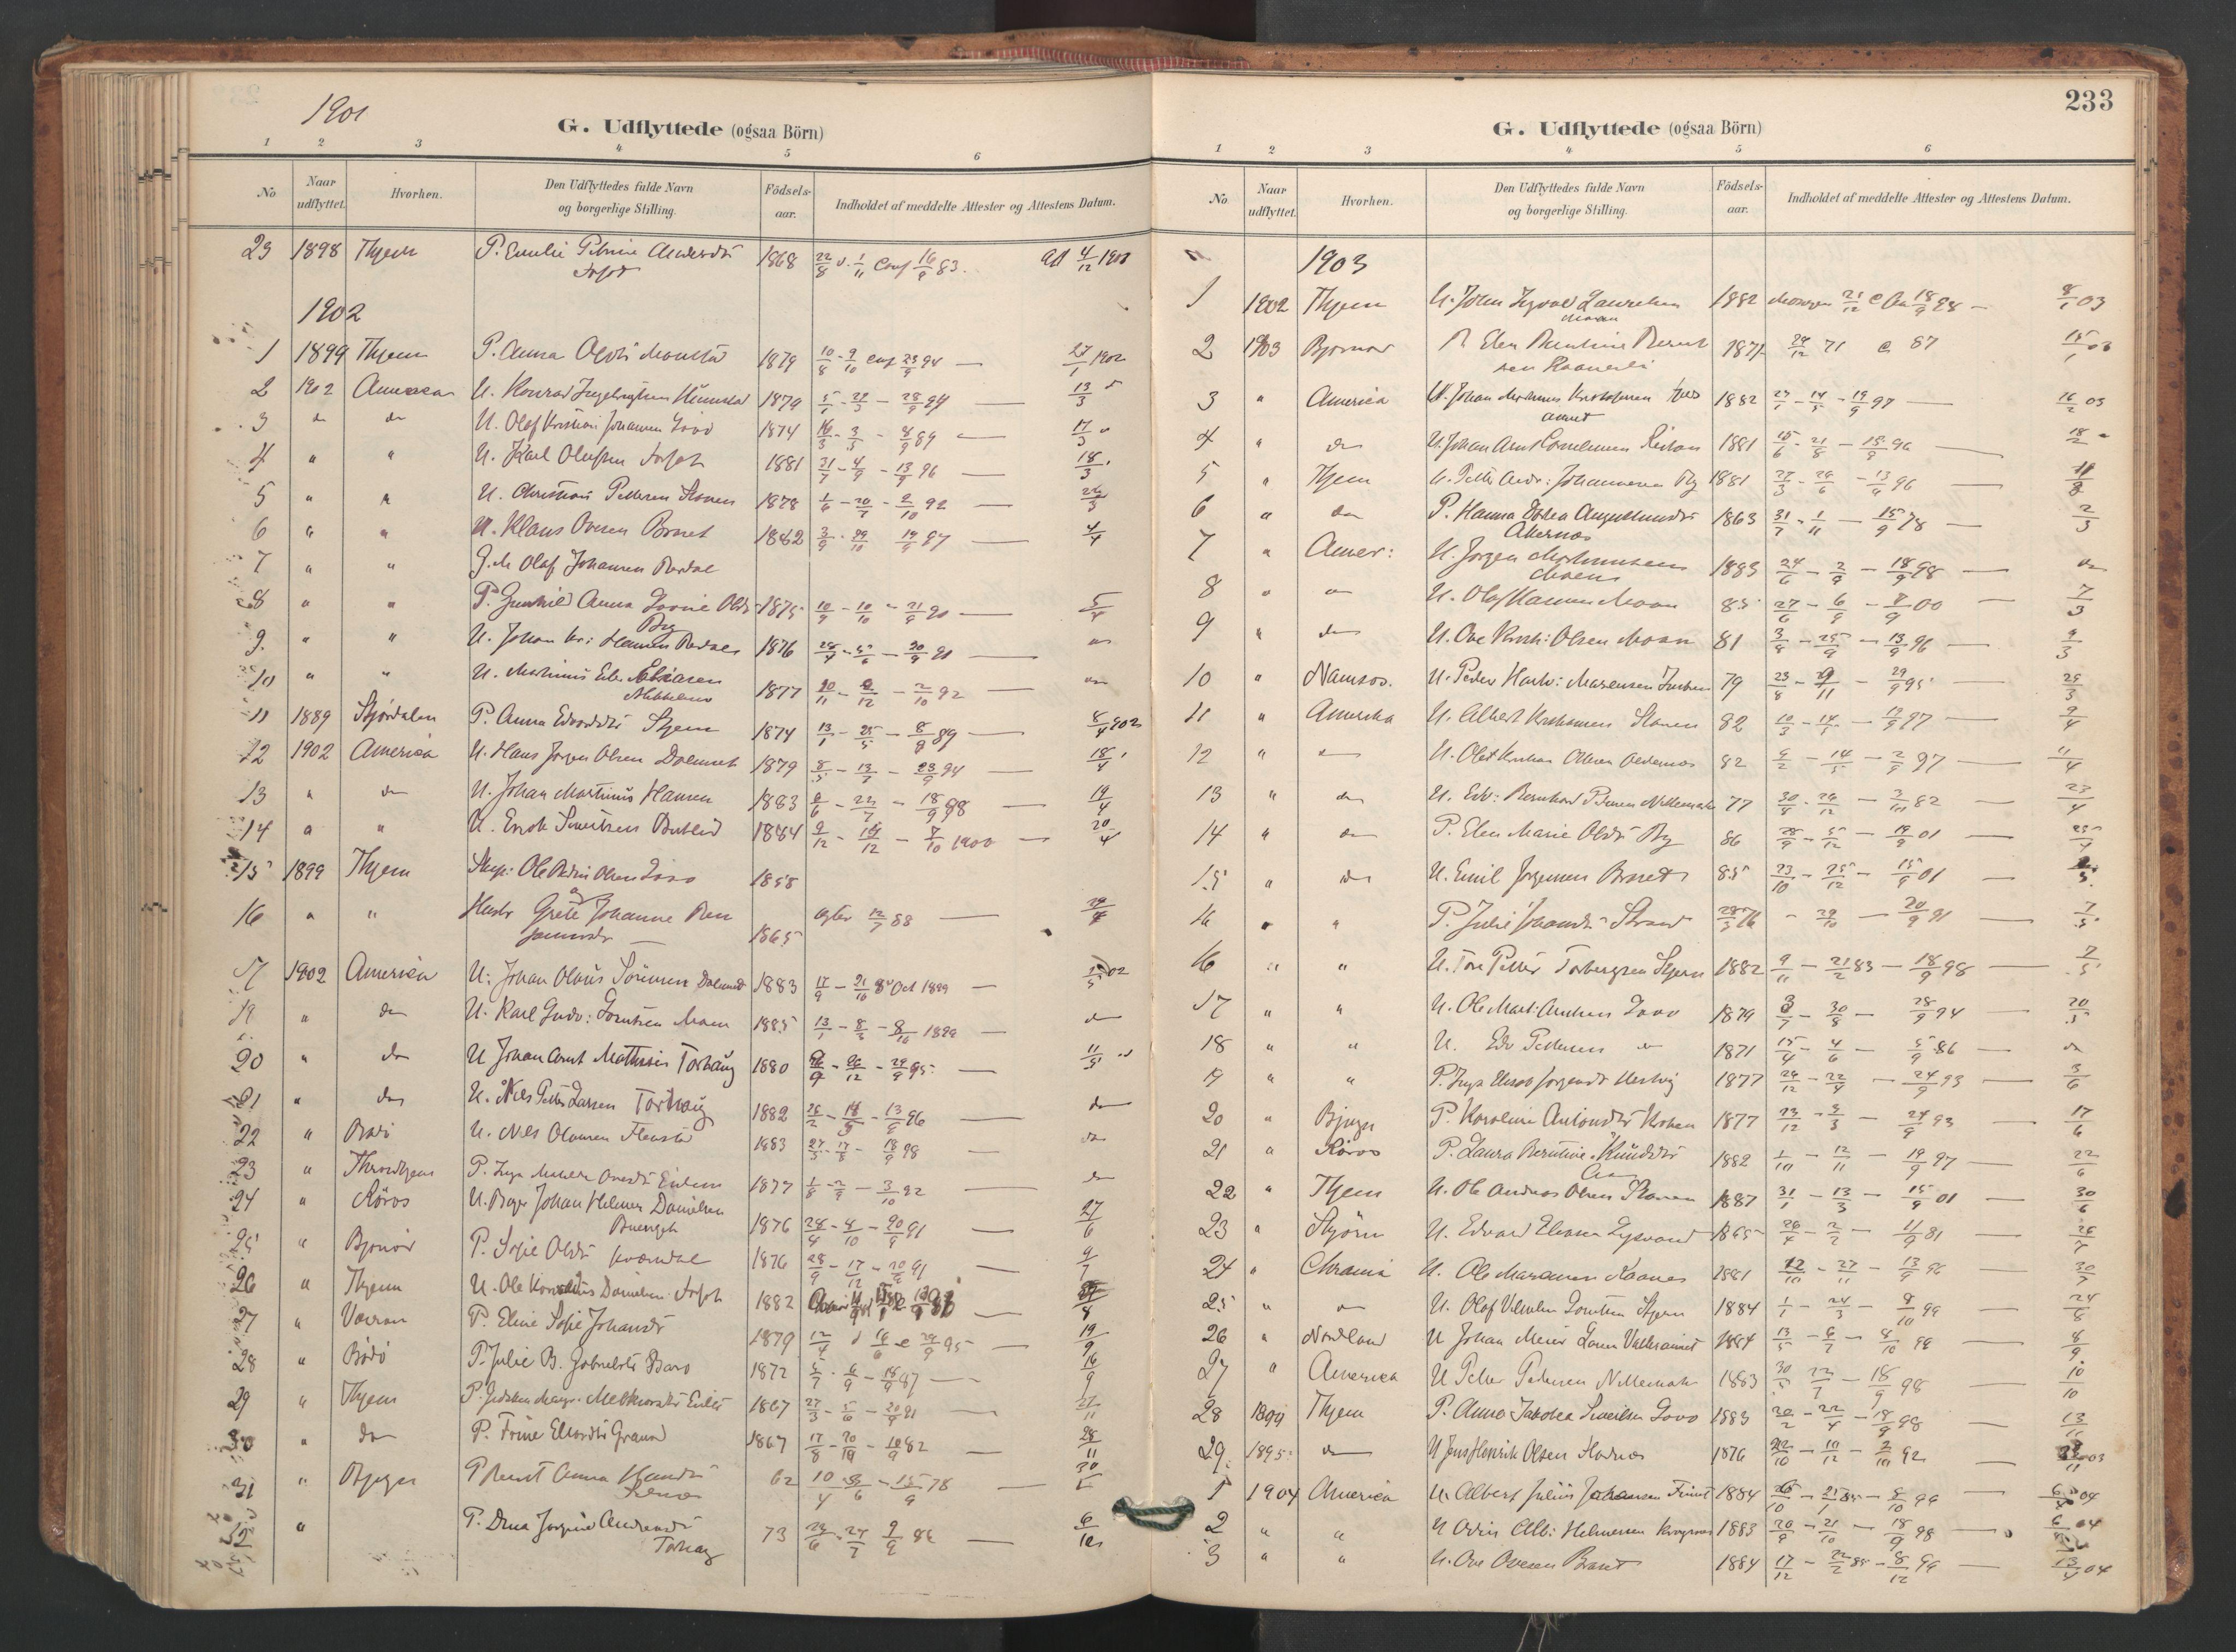 SAT, Ministerialprotokoller, klokkerbøker og fødselsregistre - Sør-Trøndelag, 655/L0681: Ministerialbok nr. 655A10, 1895-1907, s. 233